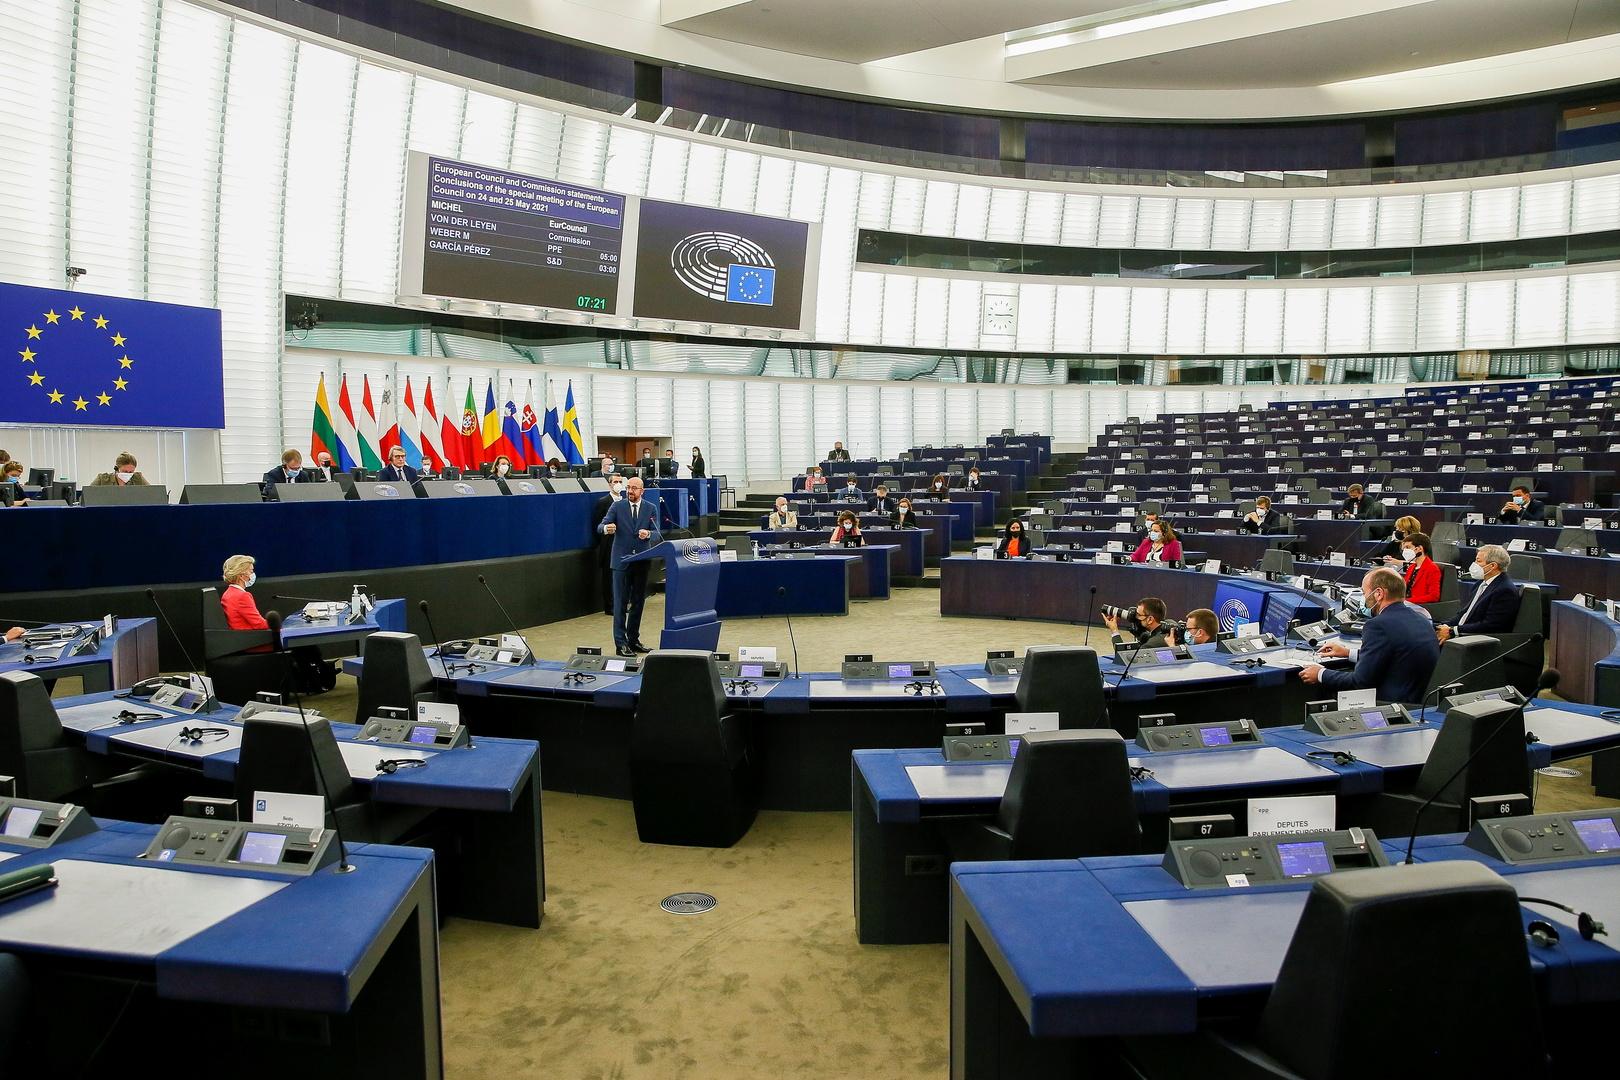 مشروع قرار للبرلمان الأوروبي حول روسيا